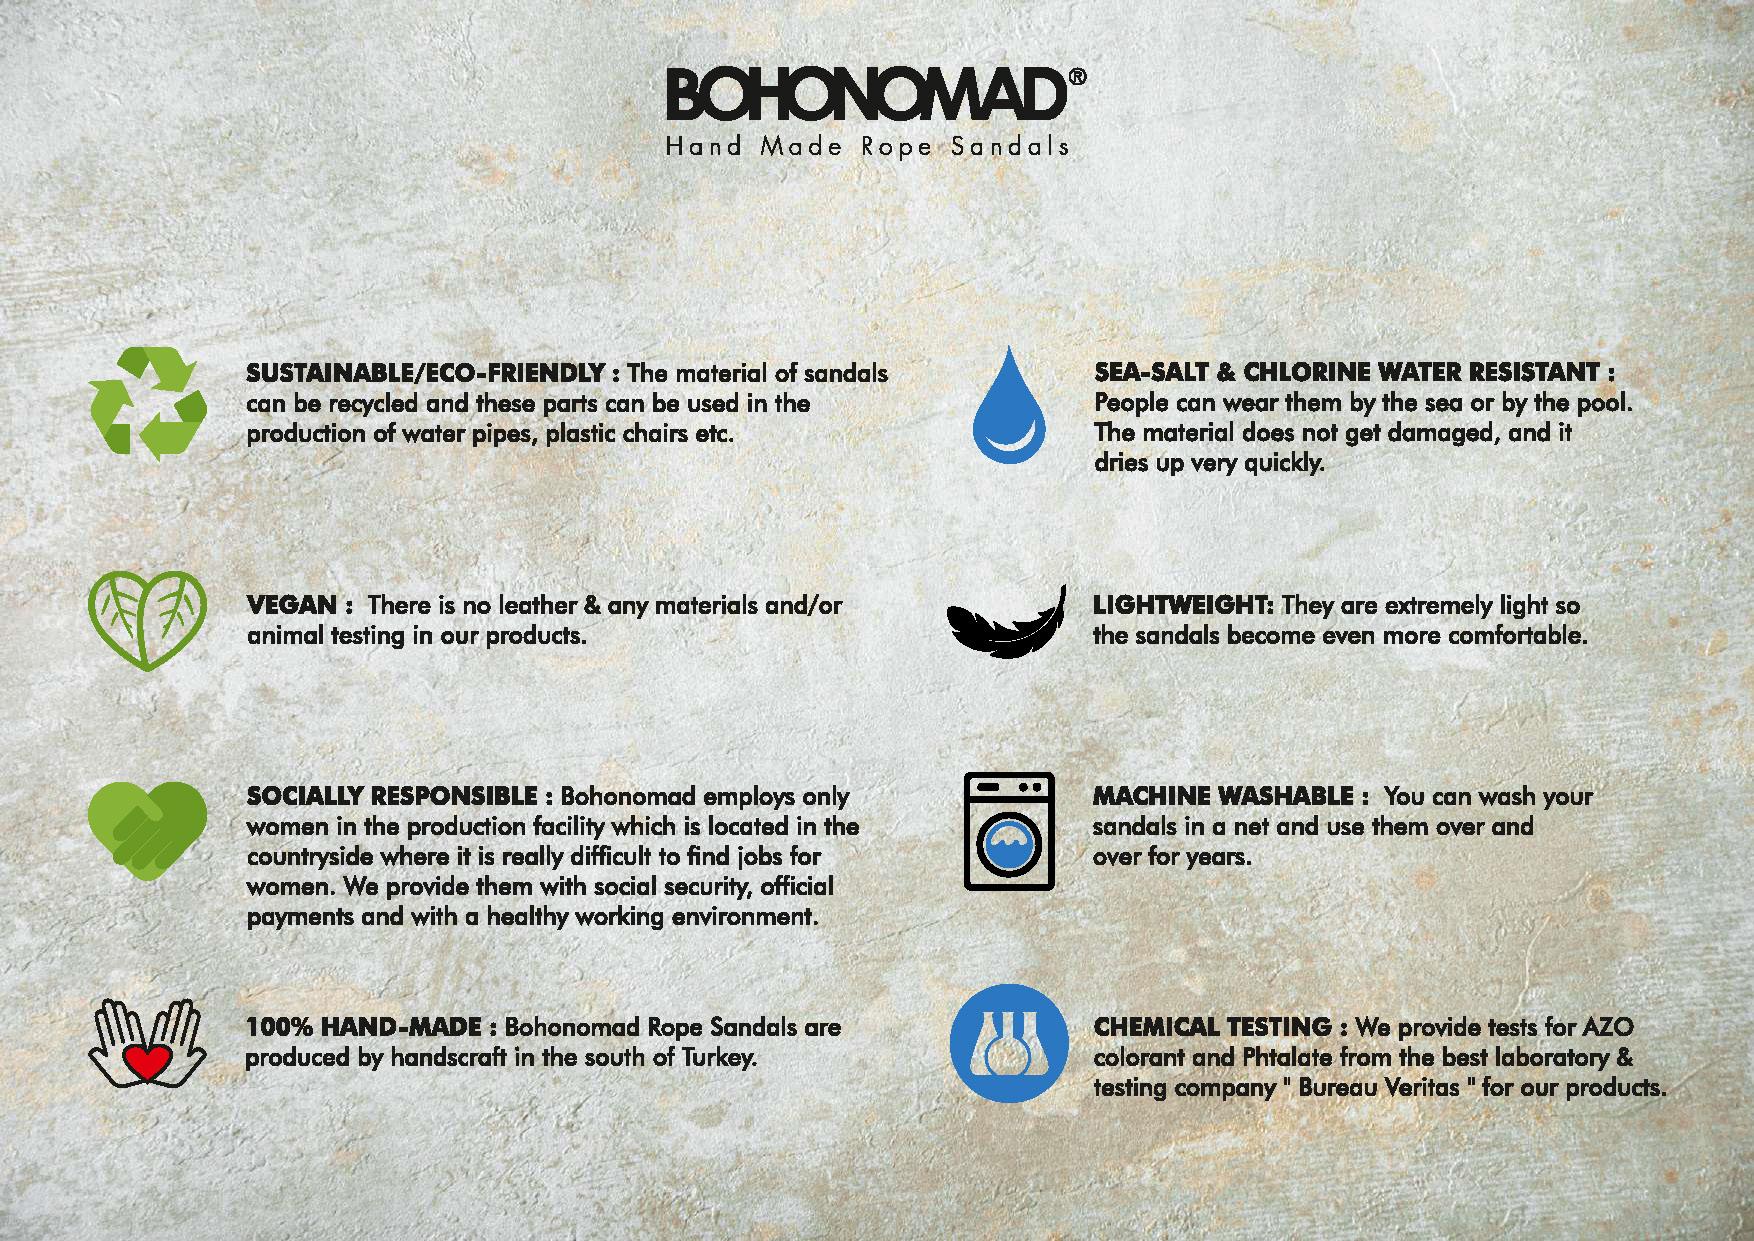 Bohonomad-shoes